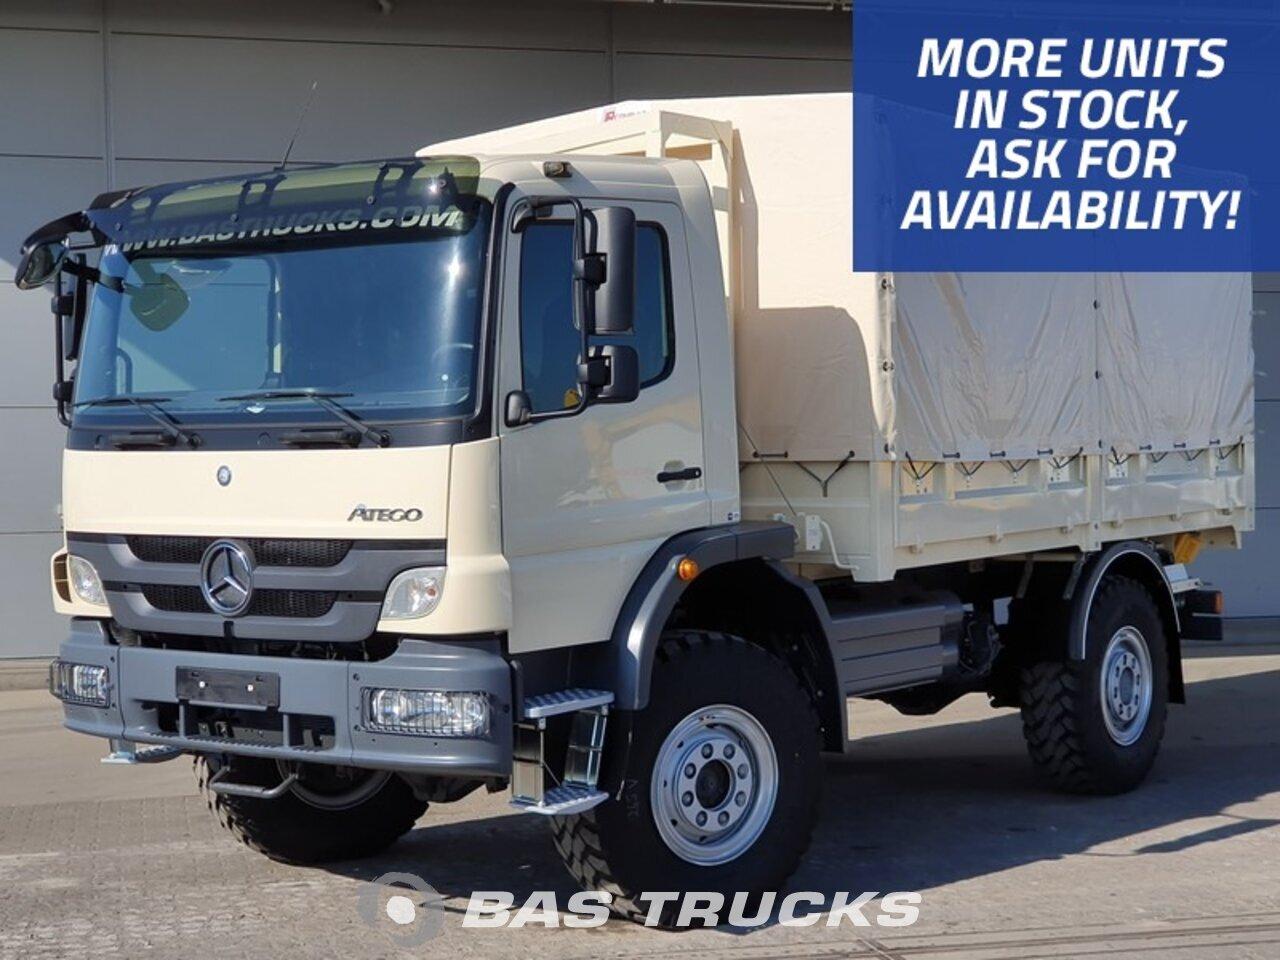 Mercedes Atego 1317 Nuevo Camiones Carroceria Con Toldo Bas Trucks